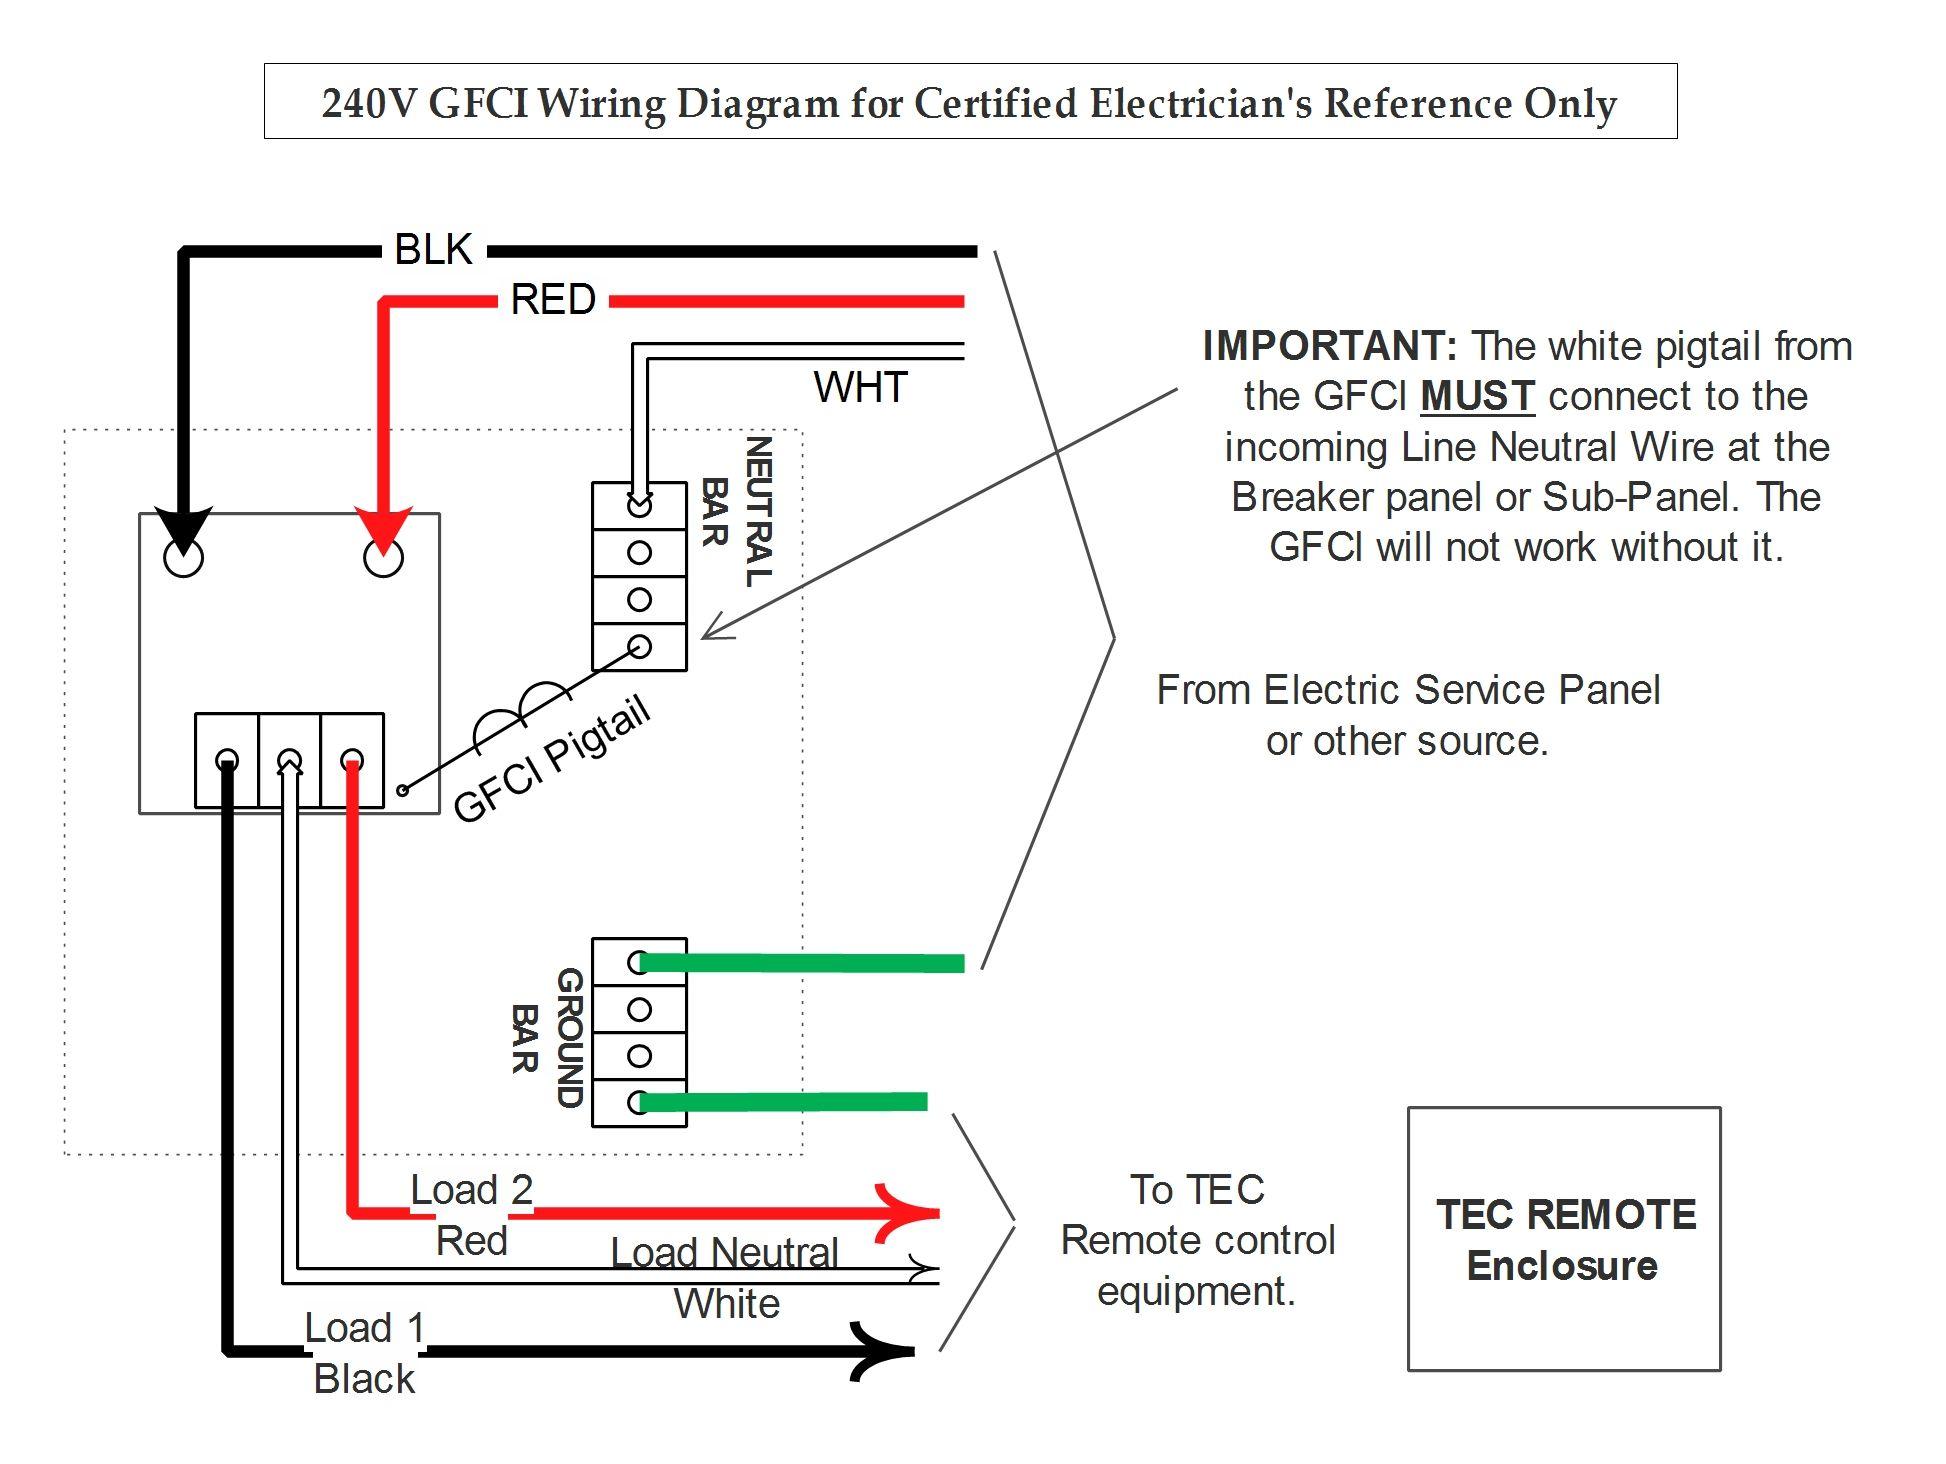 1956 chevrolet bel air 4 door hardtop 113233 -  Hoist Control Wiring Diagram Overhead Crane Electrical Wiring Barrett Trailer Wiring Diagram Yale Hoist Wiring Diagram